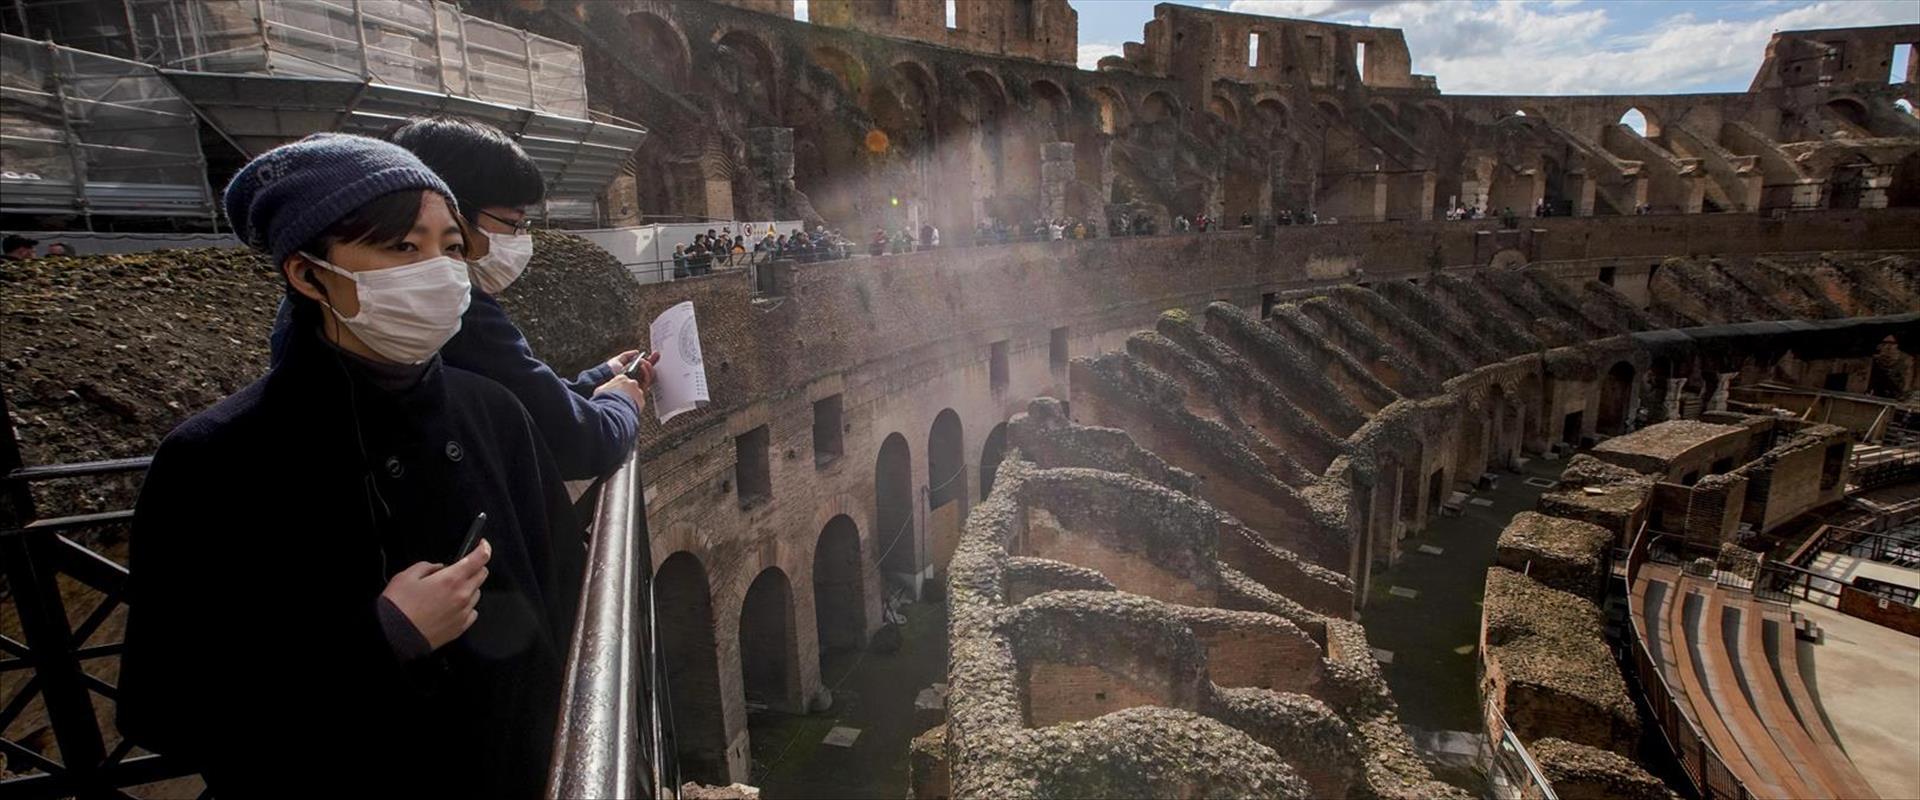 התפשטות קורונה באיטליה